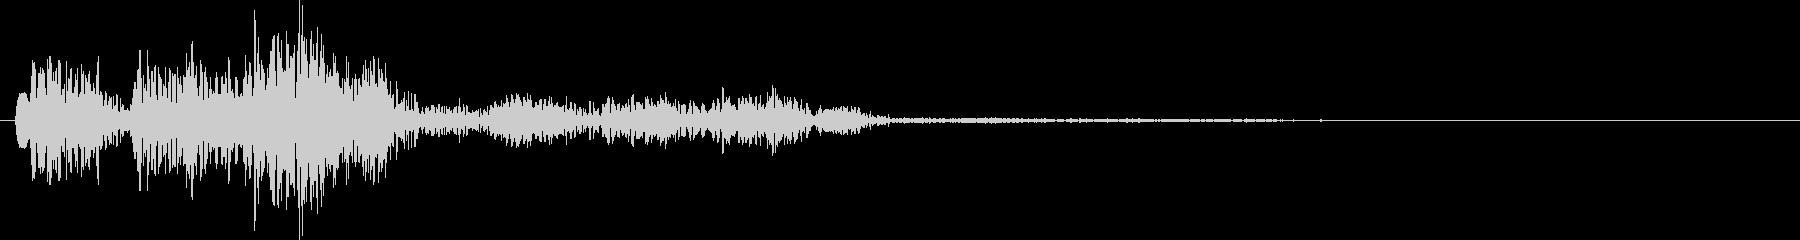 ボワワンボワワン(毒の魔法・ポイズン)の未再生の波形